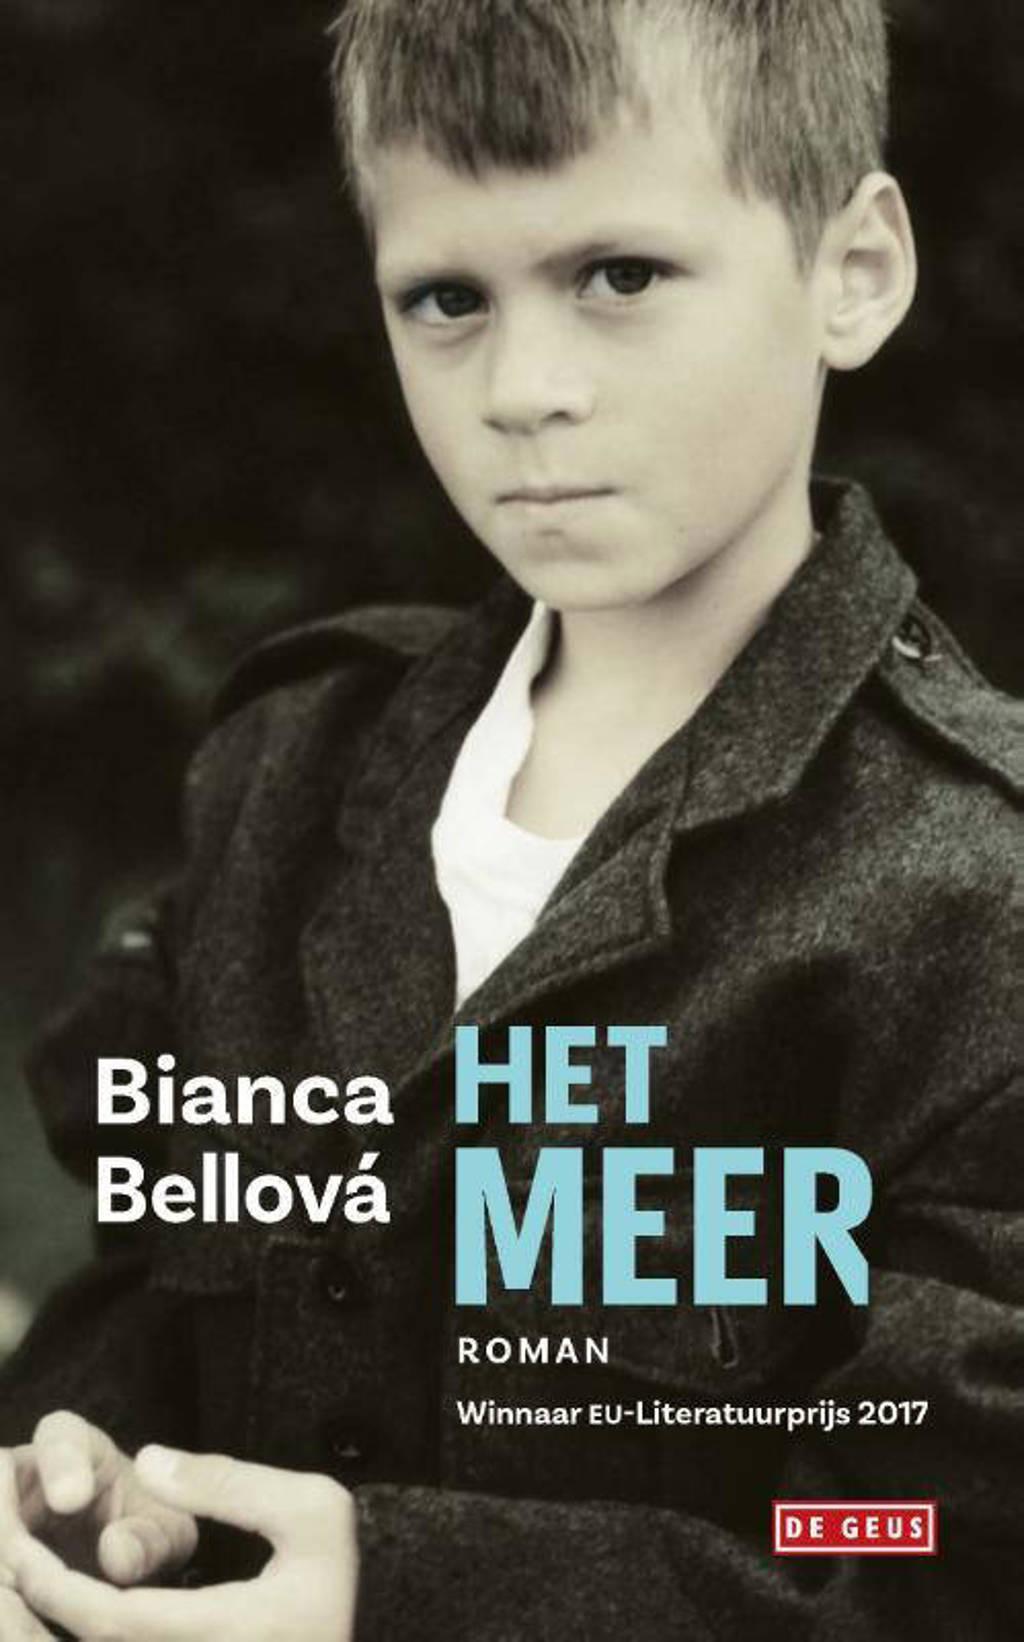 Het meer - Bianca Bellová